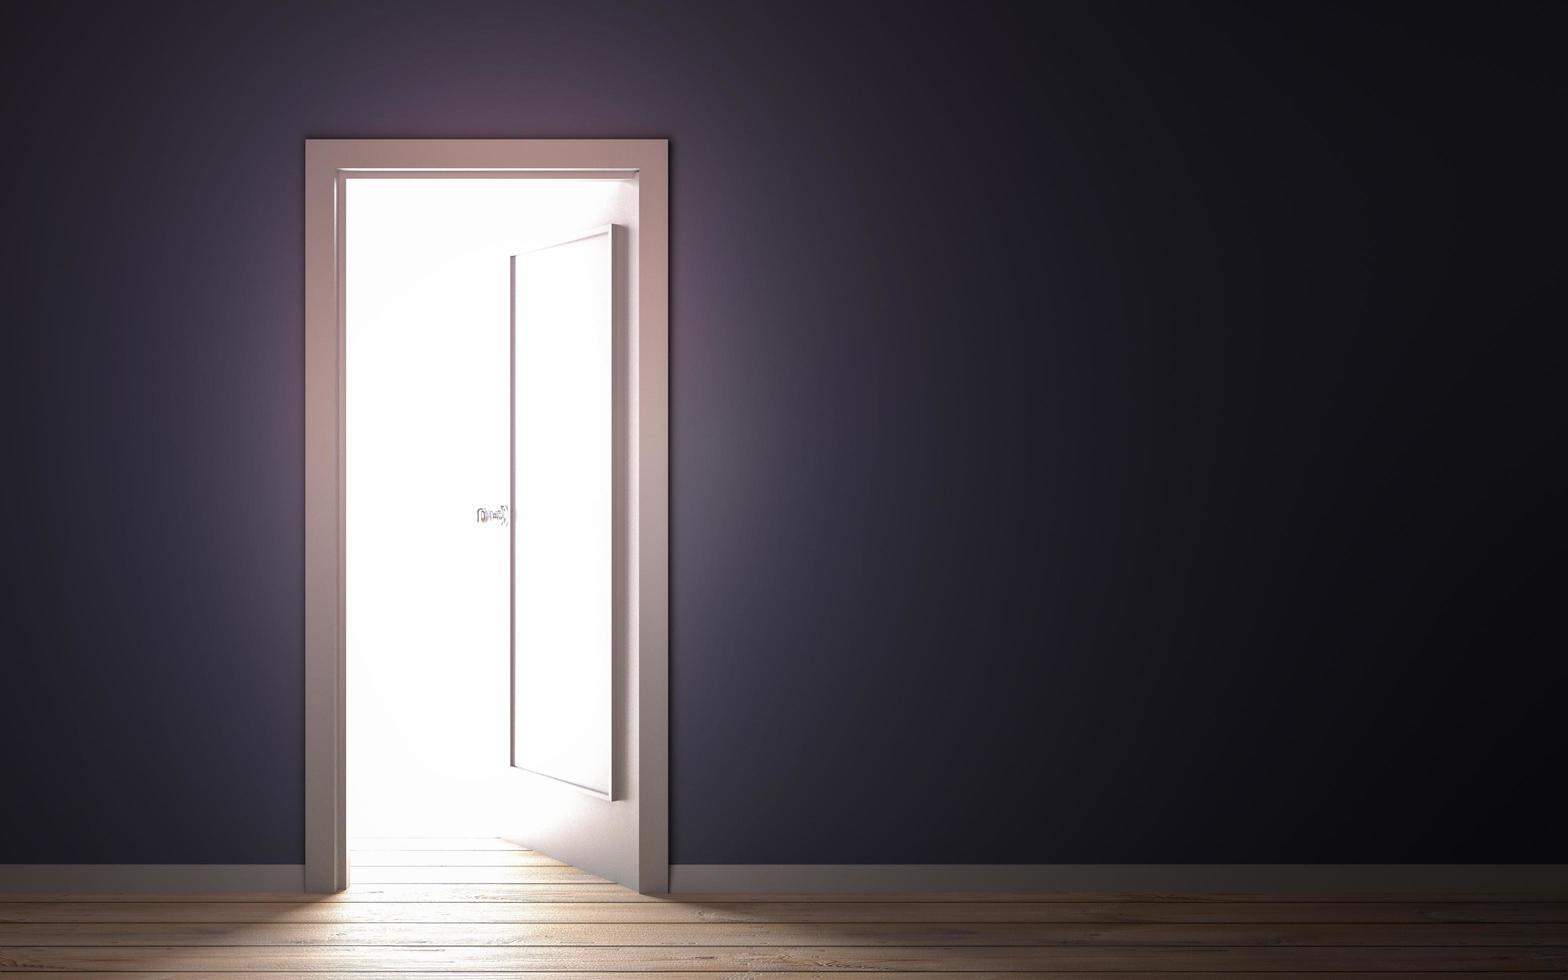 ljus läcker från dörren 3d illustration foto